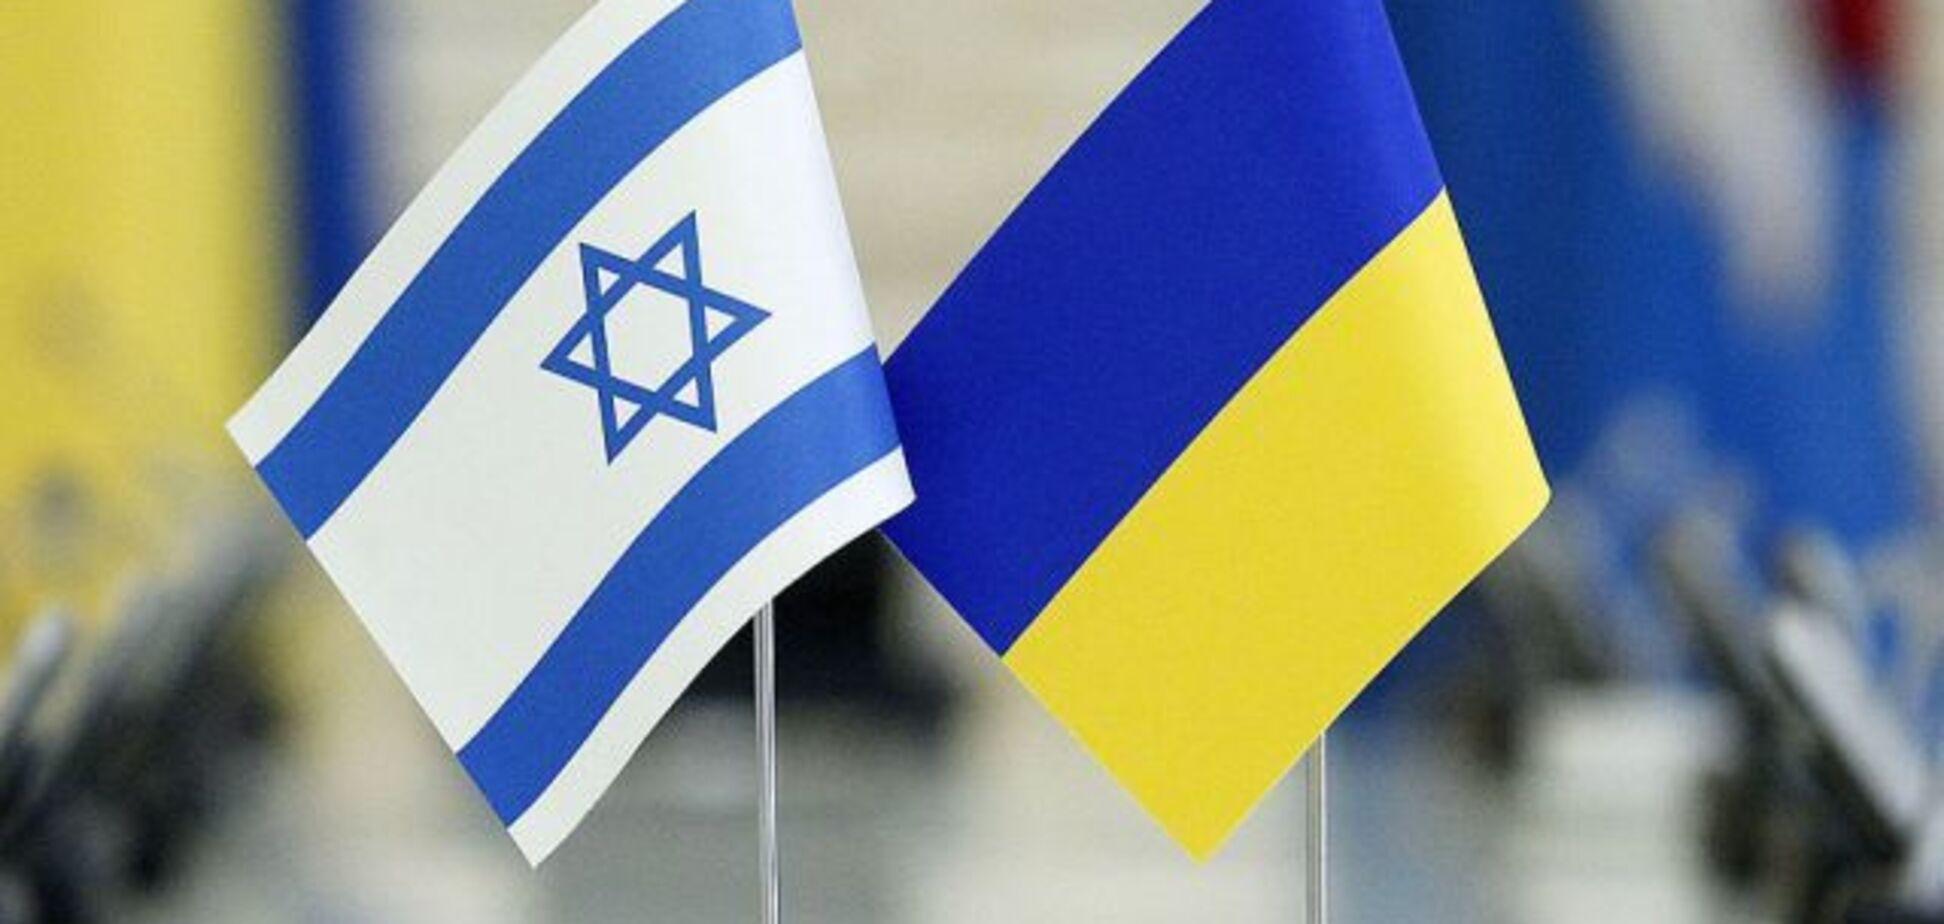 ЗСТ с Израилем: какую выгоду получит Украина